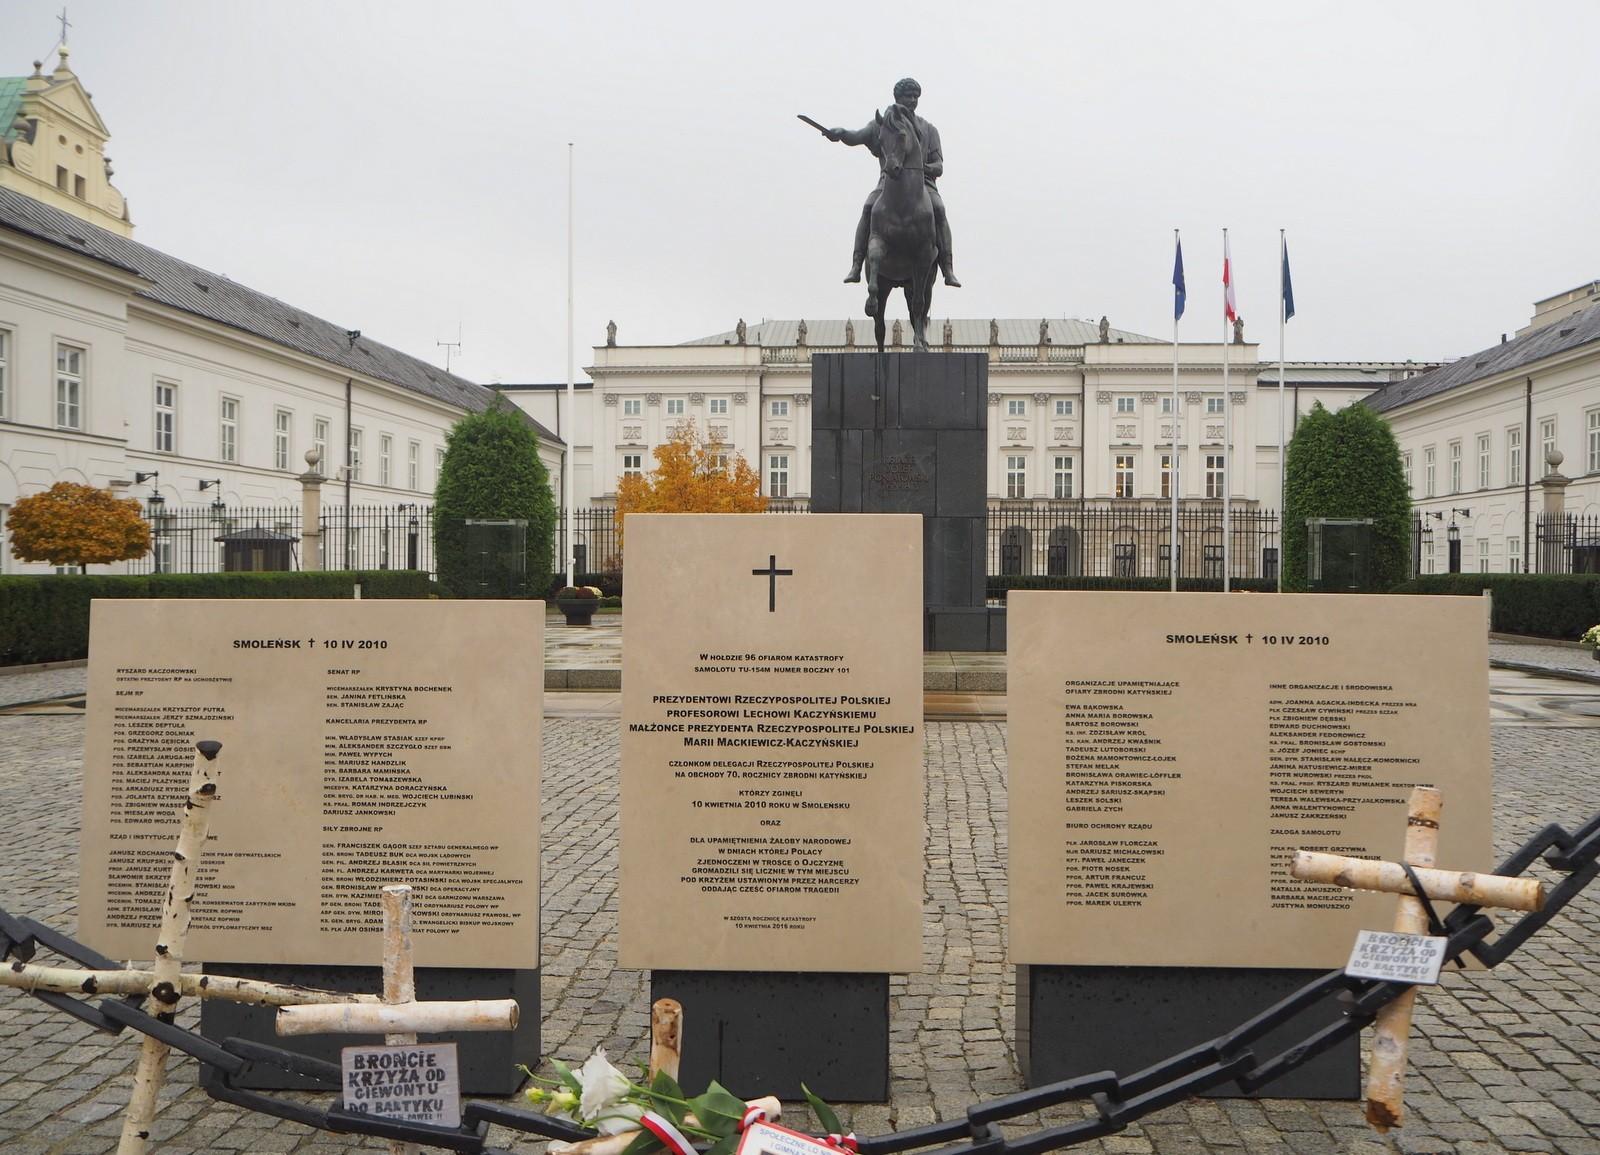 Presidentin palatsi ja Smolenskin lento-onnettomuus Varsova